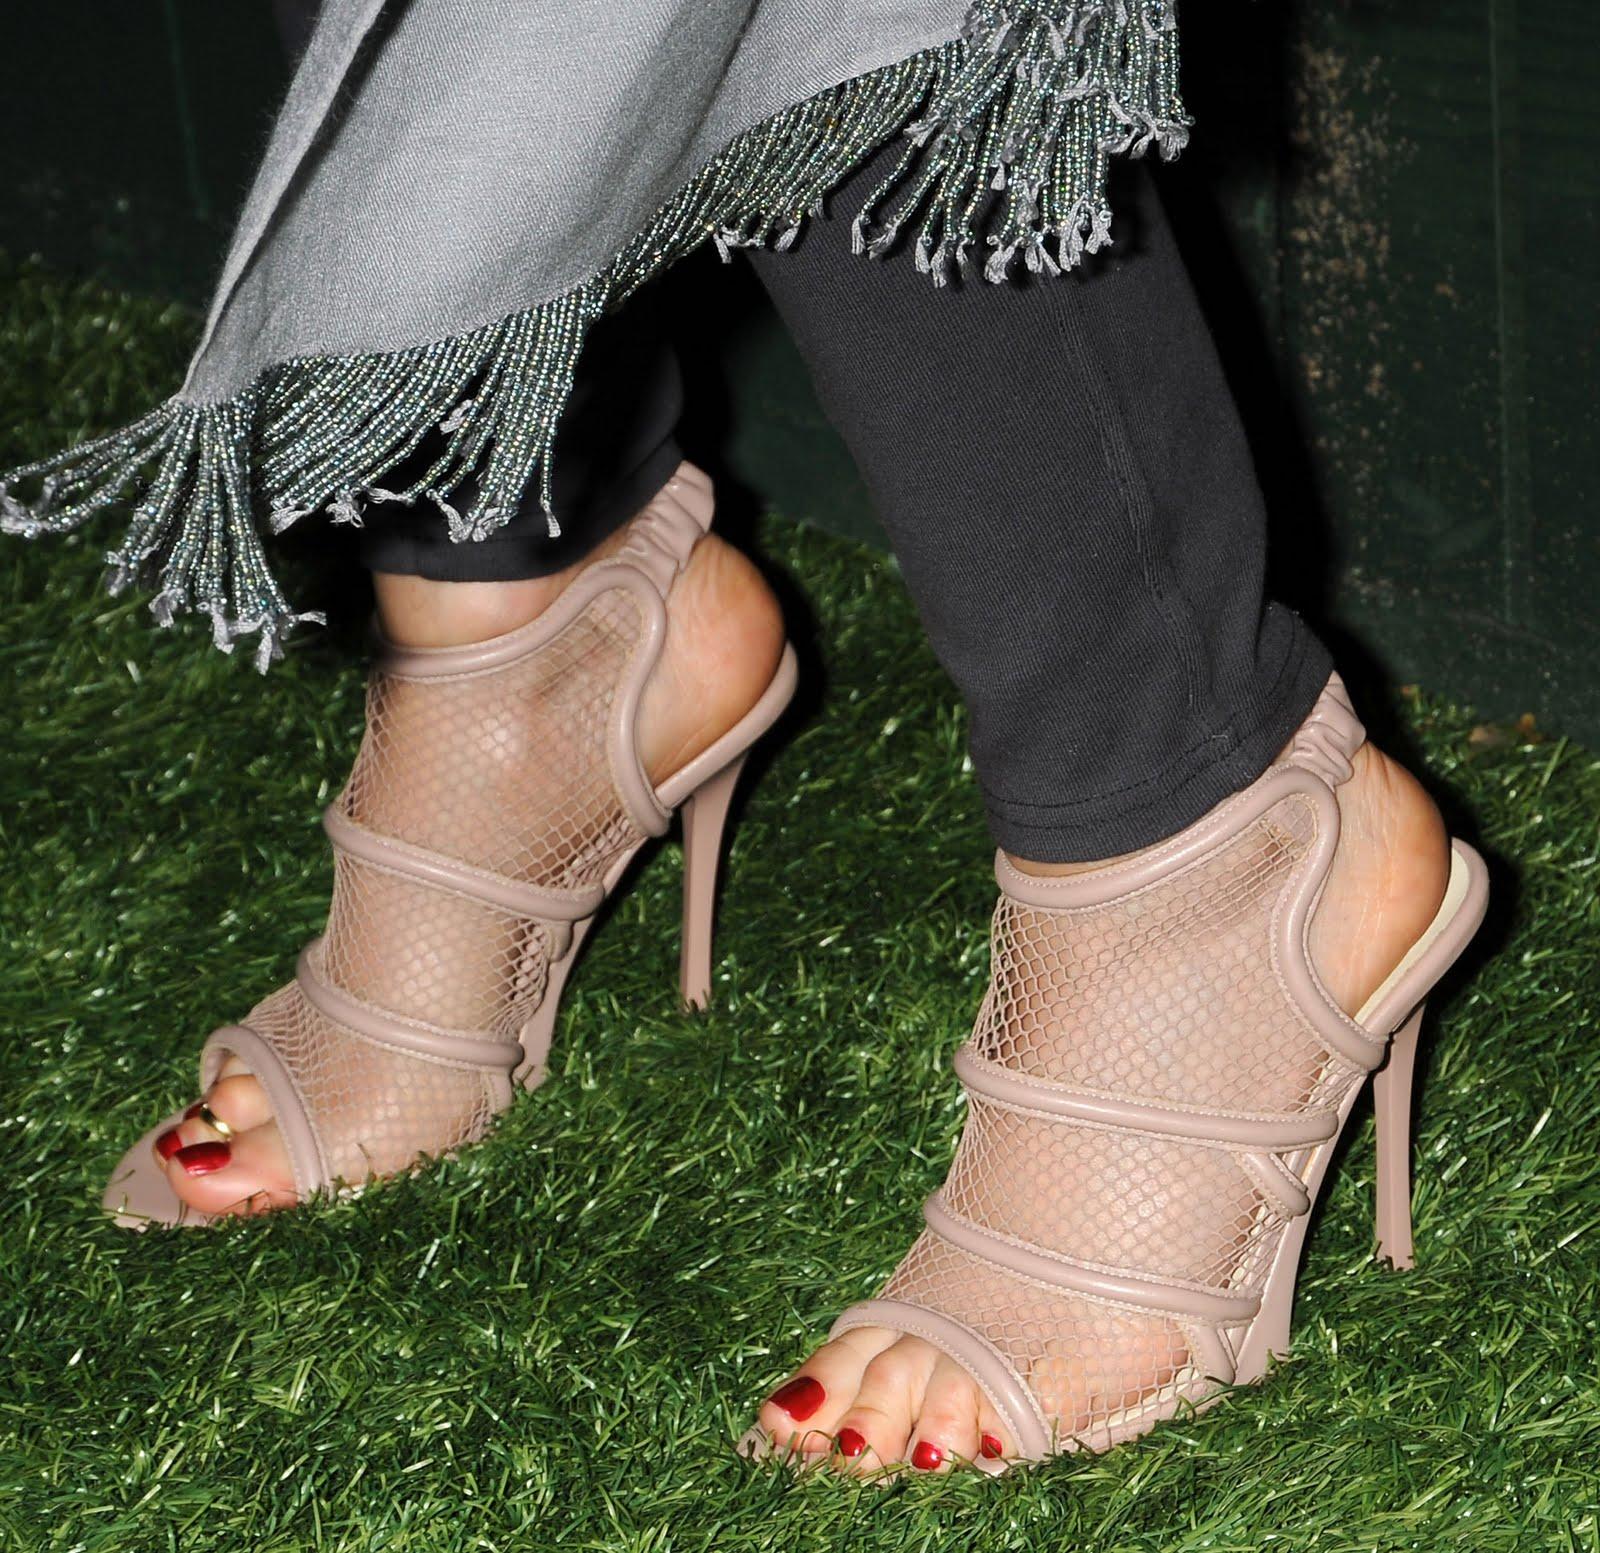 Rosanna Arquette Feet